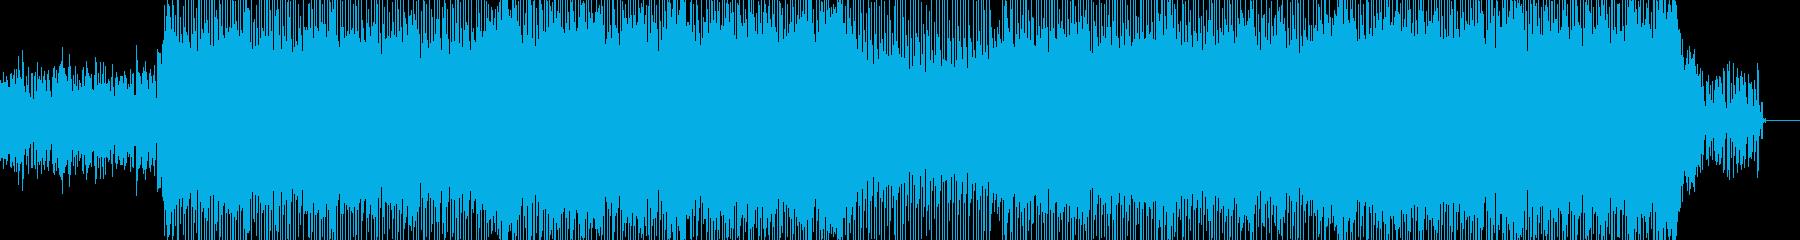 明るくポップな企業イベントVP-34の再生済みの波形